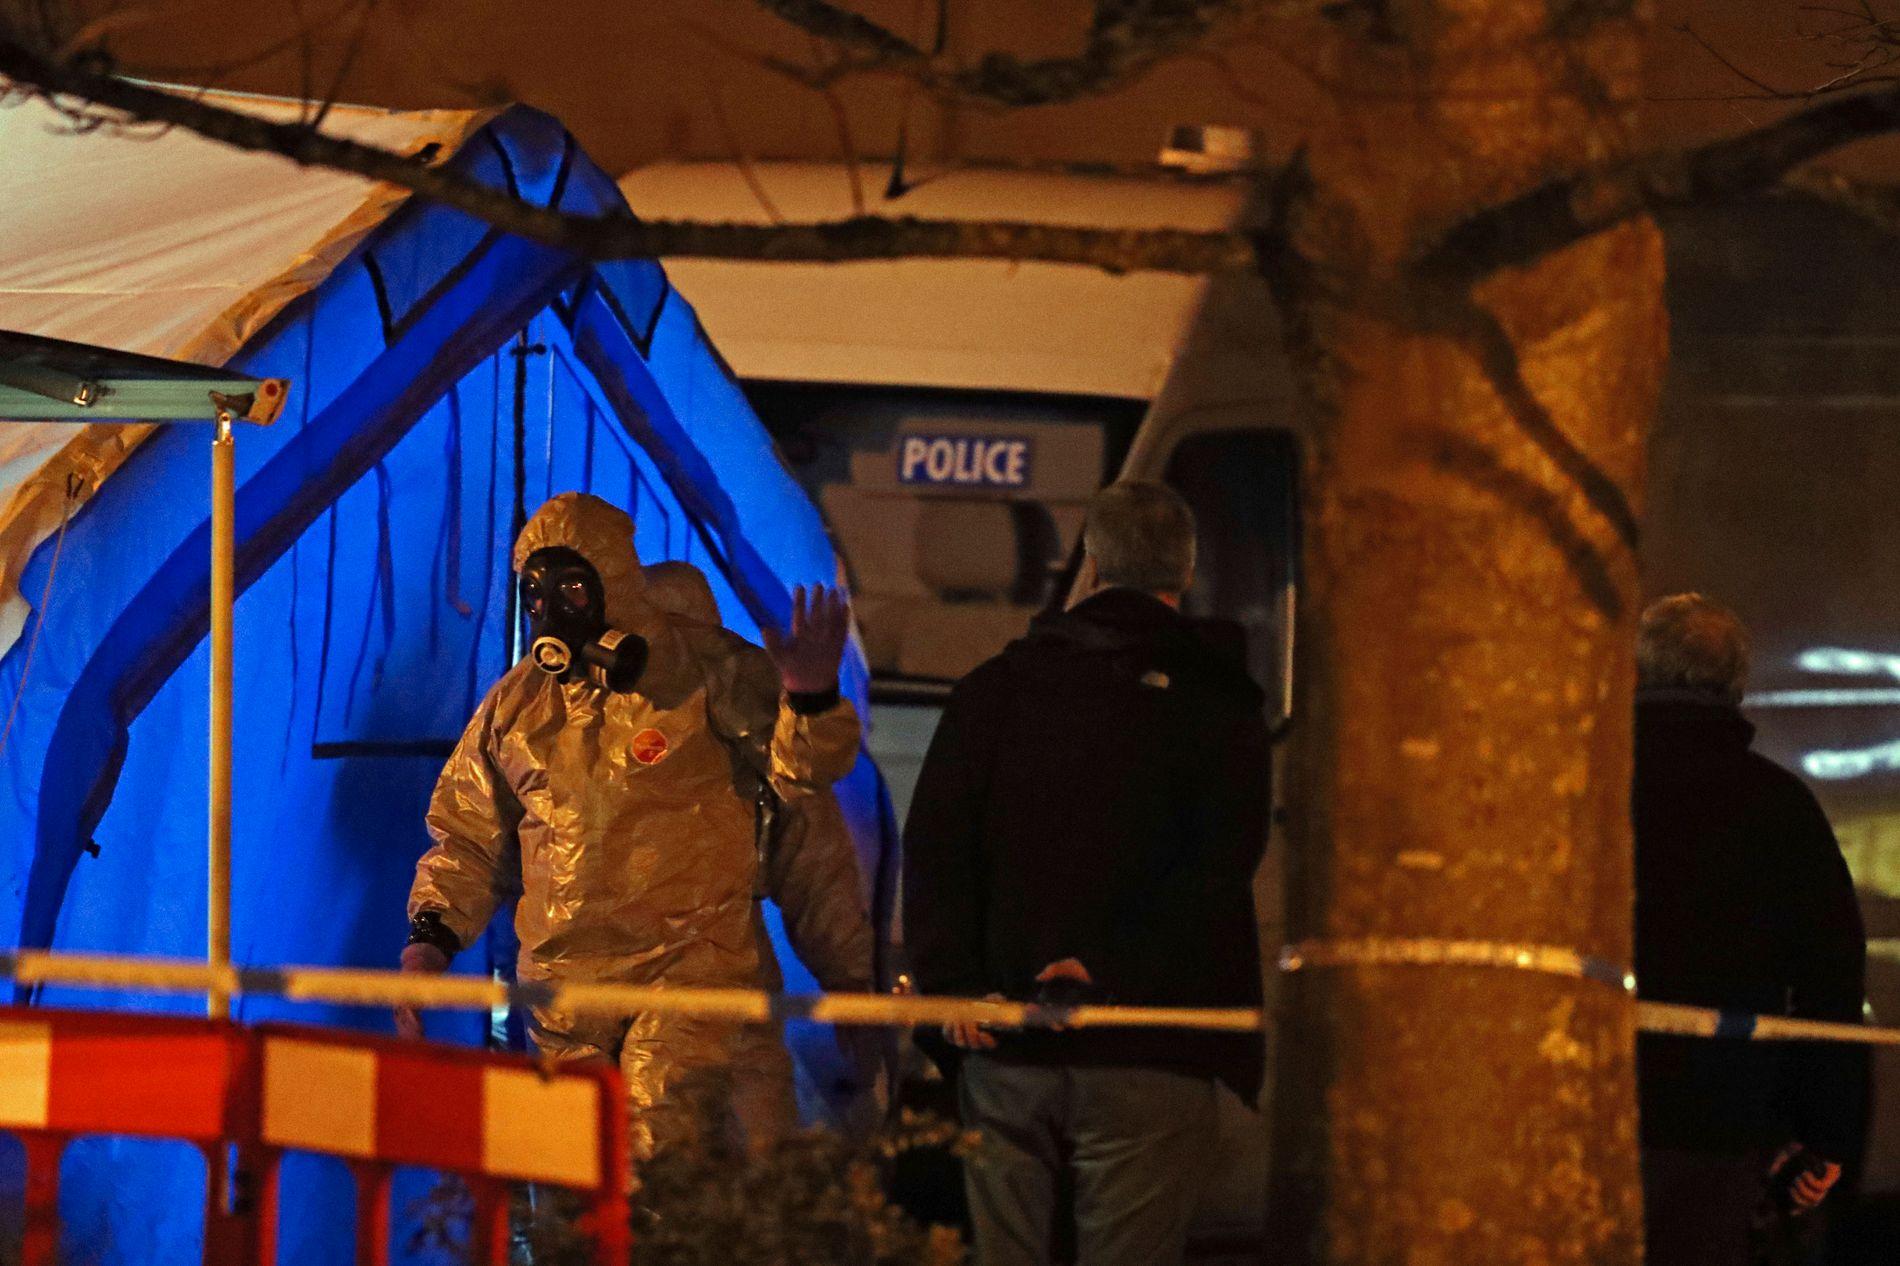 FUNNET HER: Politiet etterforsker etter at eks-spionen og datteren ble funnet bevisstløse.